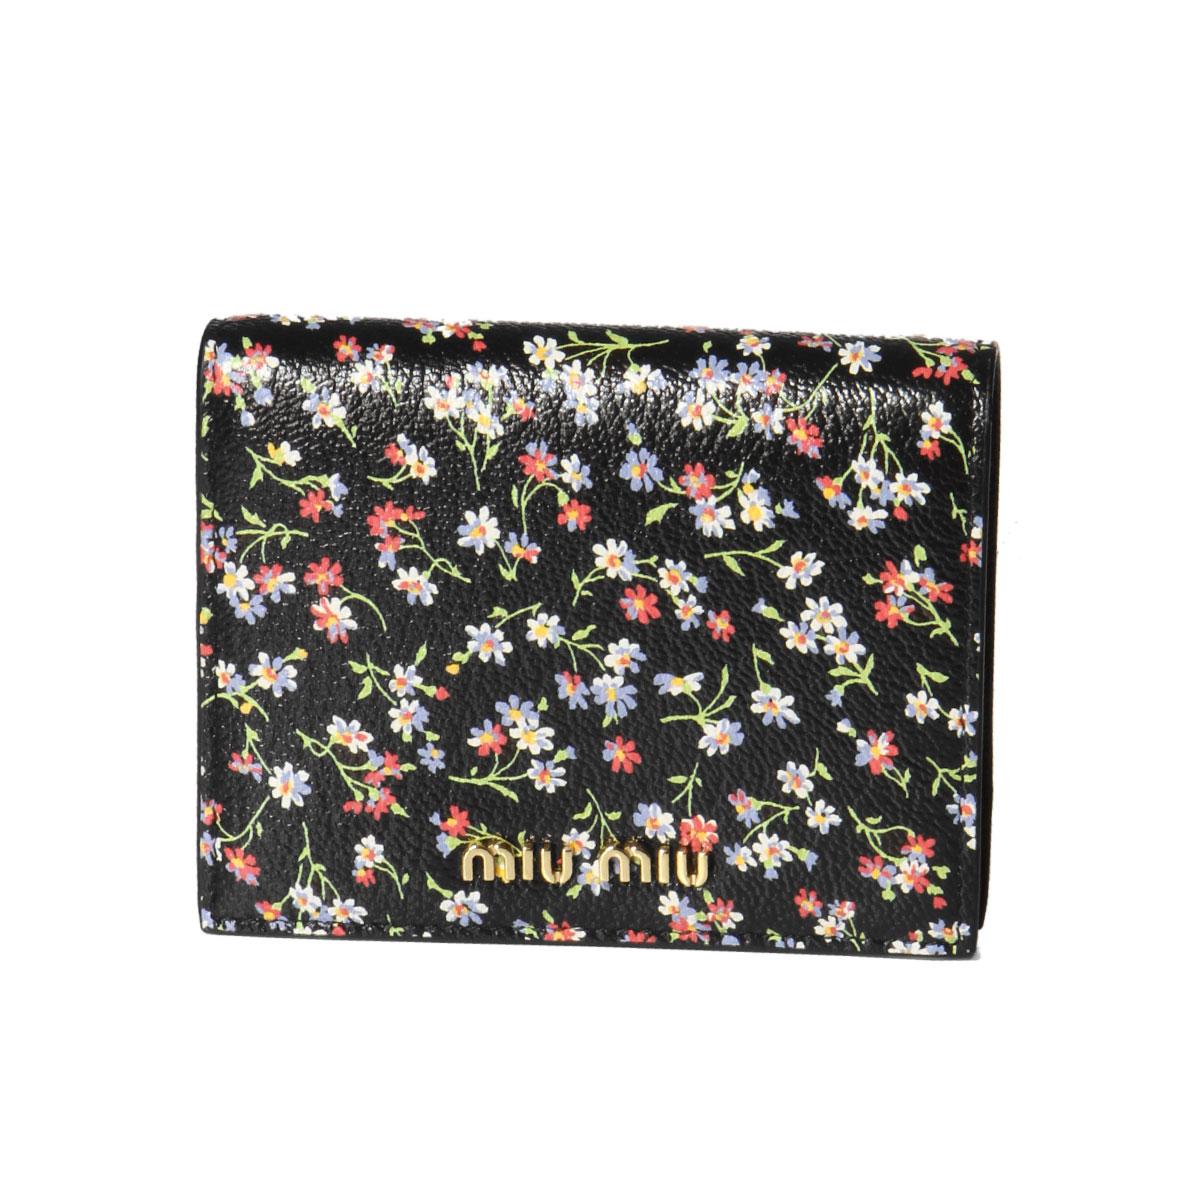 ミュウ ミュウ MIU MIU 財布 レディース 5MV204 2D52 F0002 二つ折り財布 MADRAS FLOWER NERO ブラック